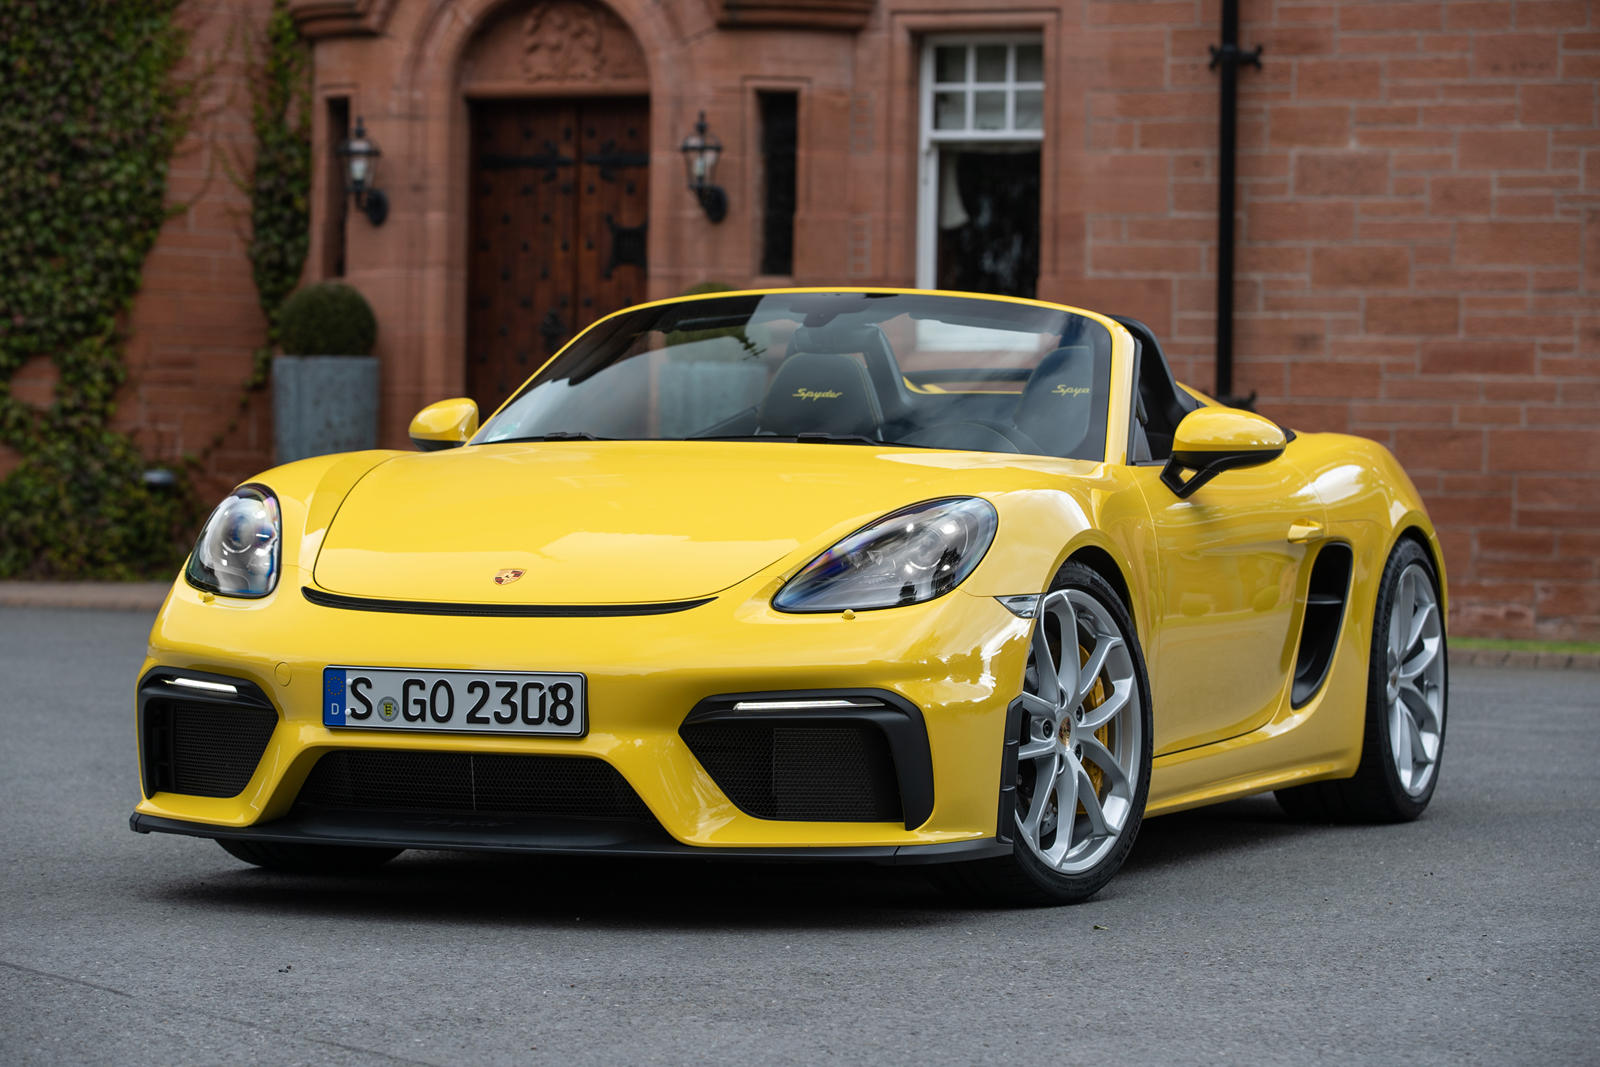 Возможно, самым большим успехом Porsche в 2020 году стал полностью электрический седан Taycan. В 2020 году было продано в общей сложности 20 015 единиц, несмотря на шестинедельную остановку производства, после чего пришлось увеличить темп производств